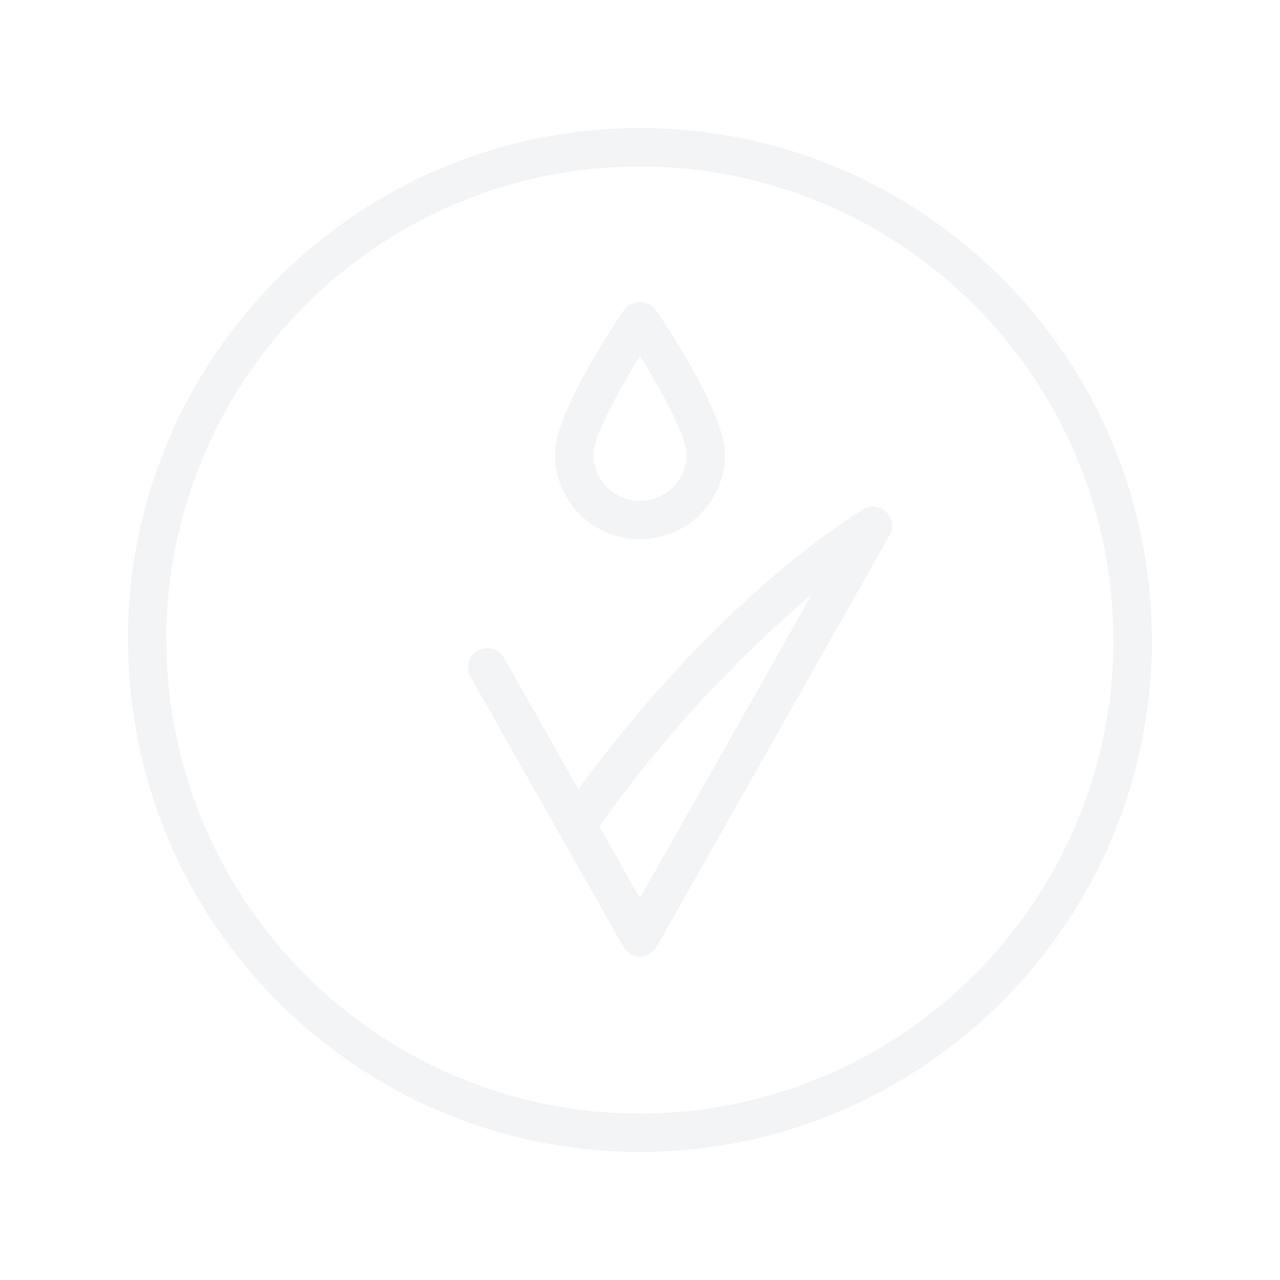 LIERAC Premium Silky Cream 50ml